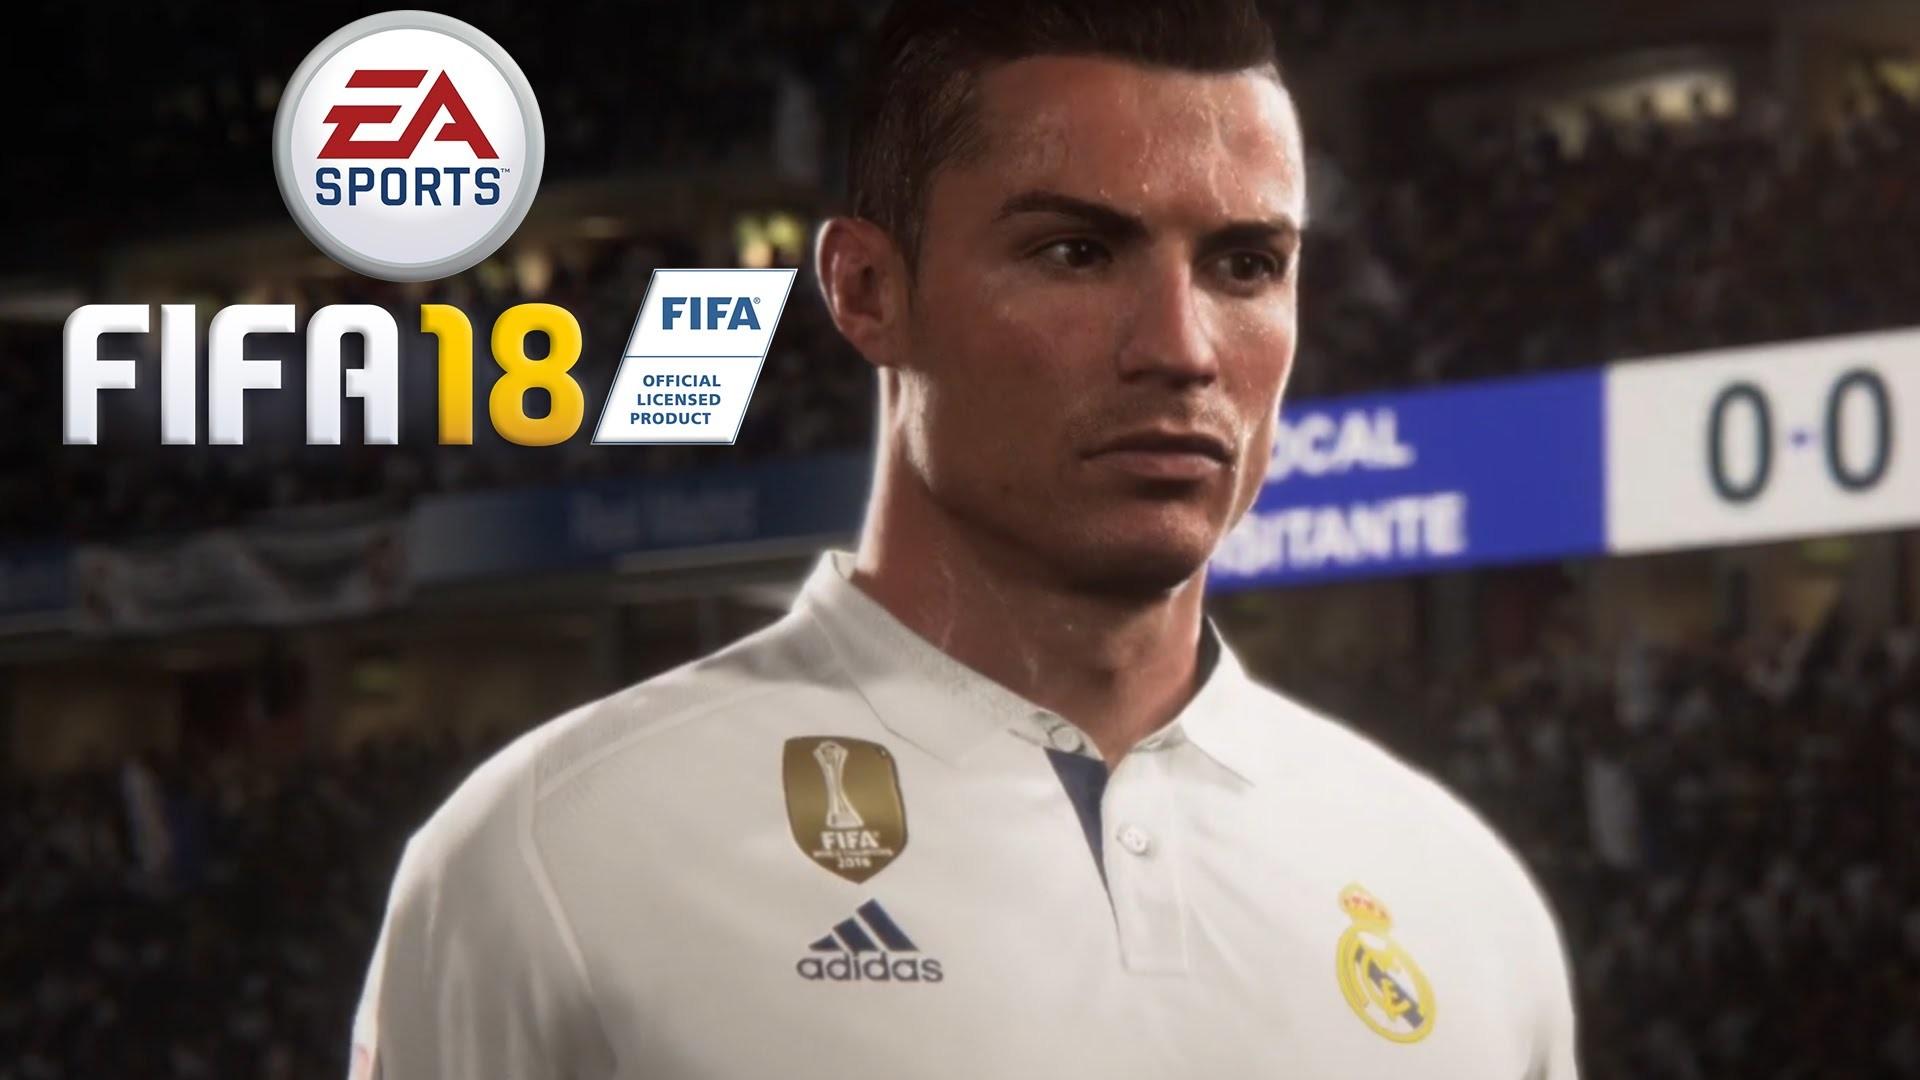 FIFA 18 – Cristiano Ronaldo Trailer